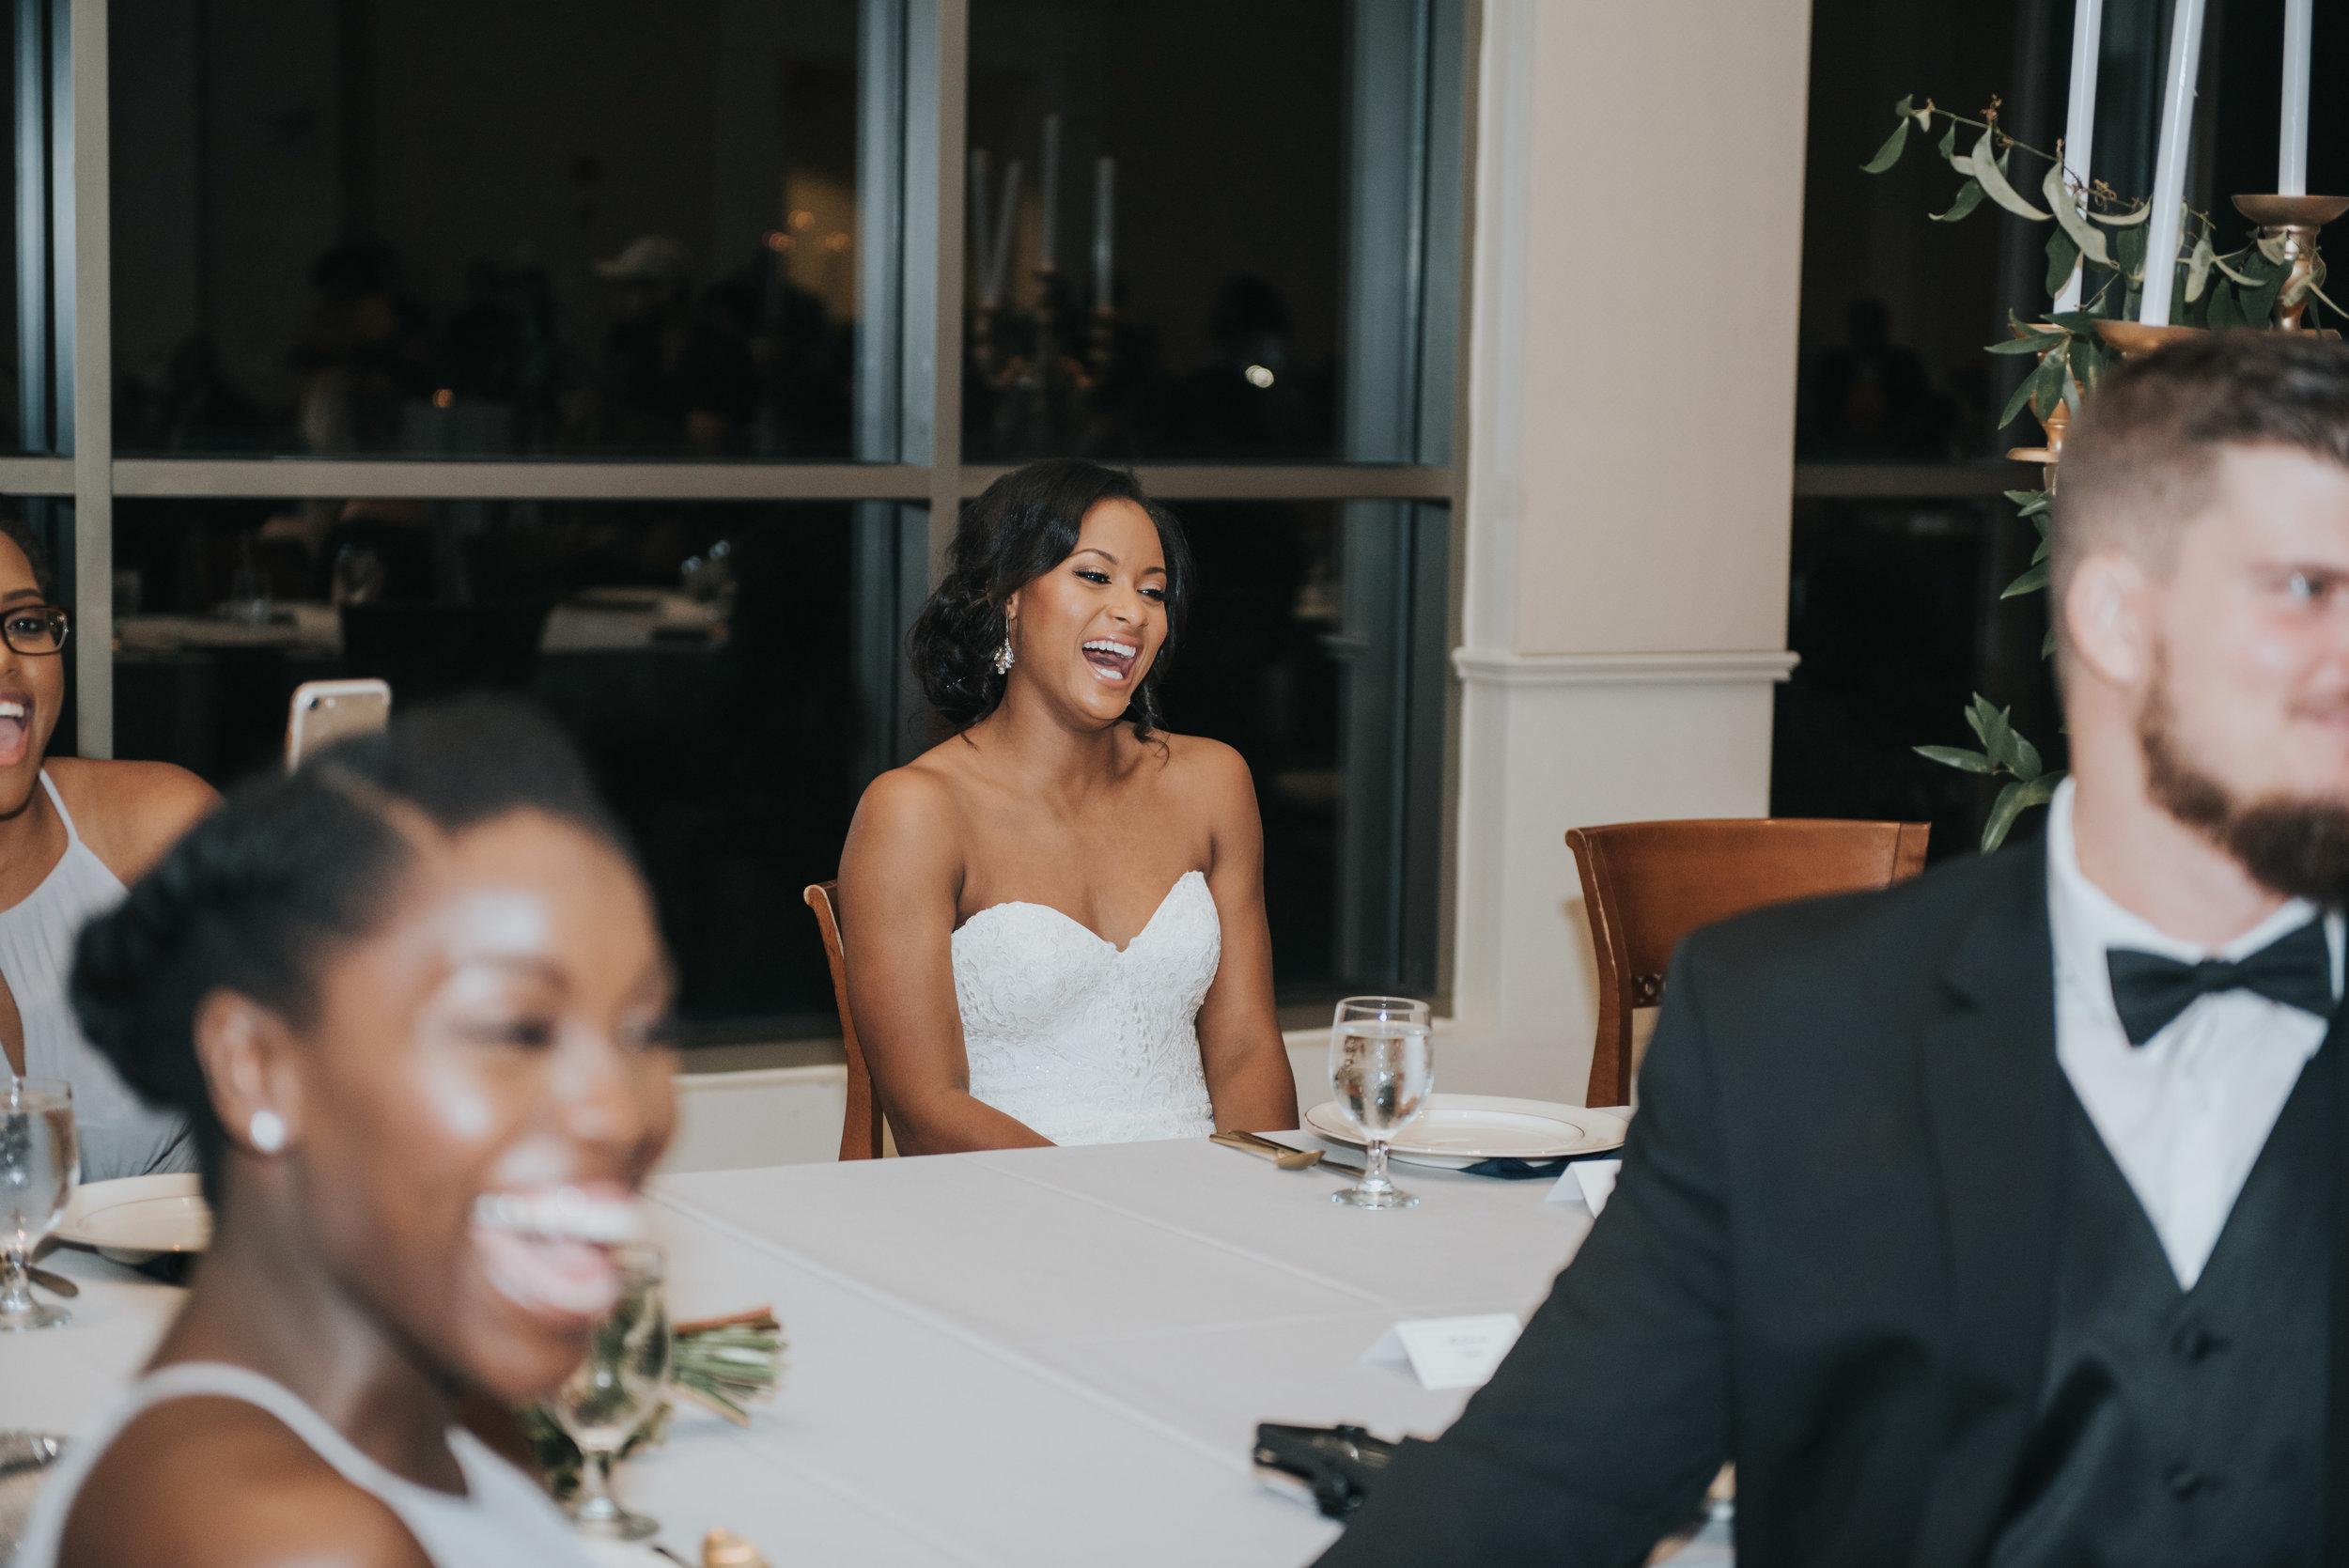 Bride laughing during wedding reception at Atlanta History Center